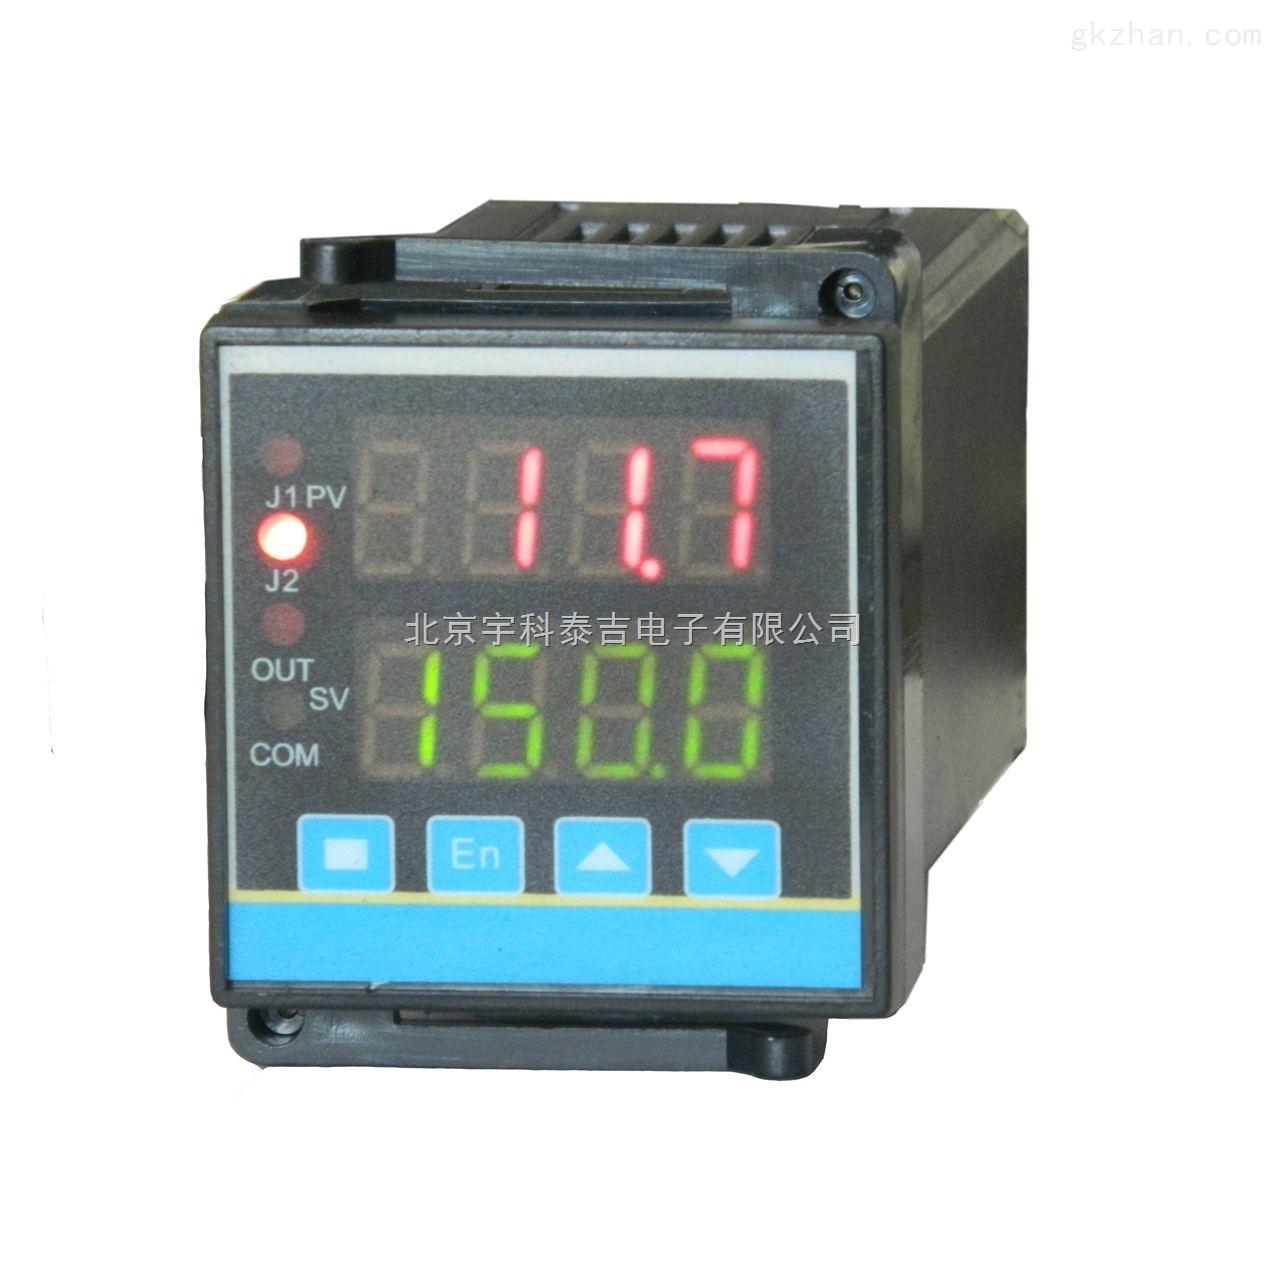 宇科泰吉YK-12XF-J2-O1智能数字差值显示控制仪